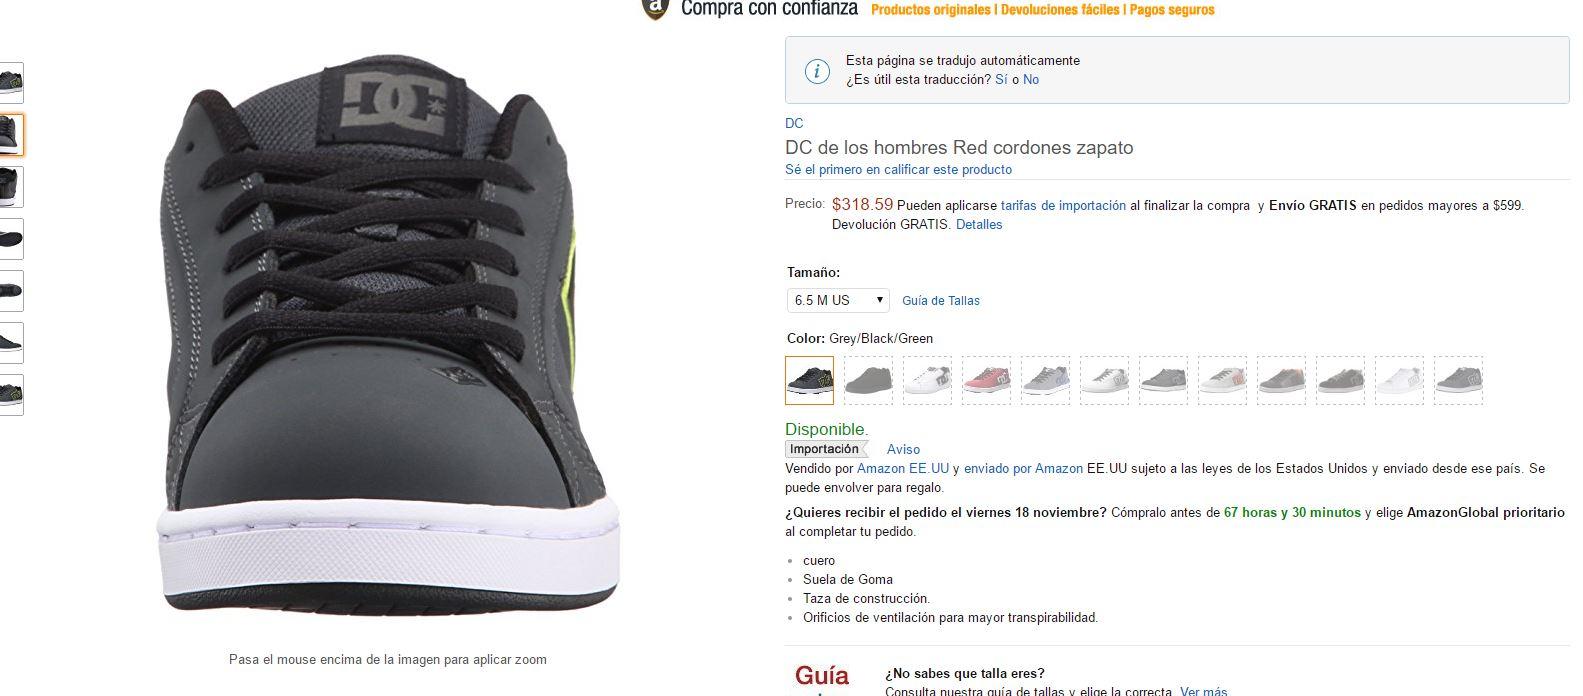 Amazon: DC Men's Net Lace-Up Shoe del chiquitito y medio (6.5 M US)